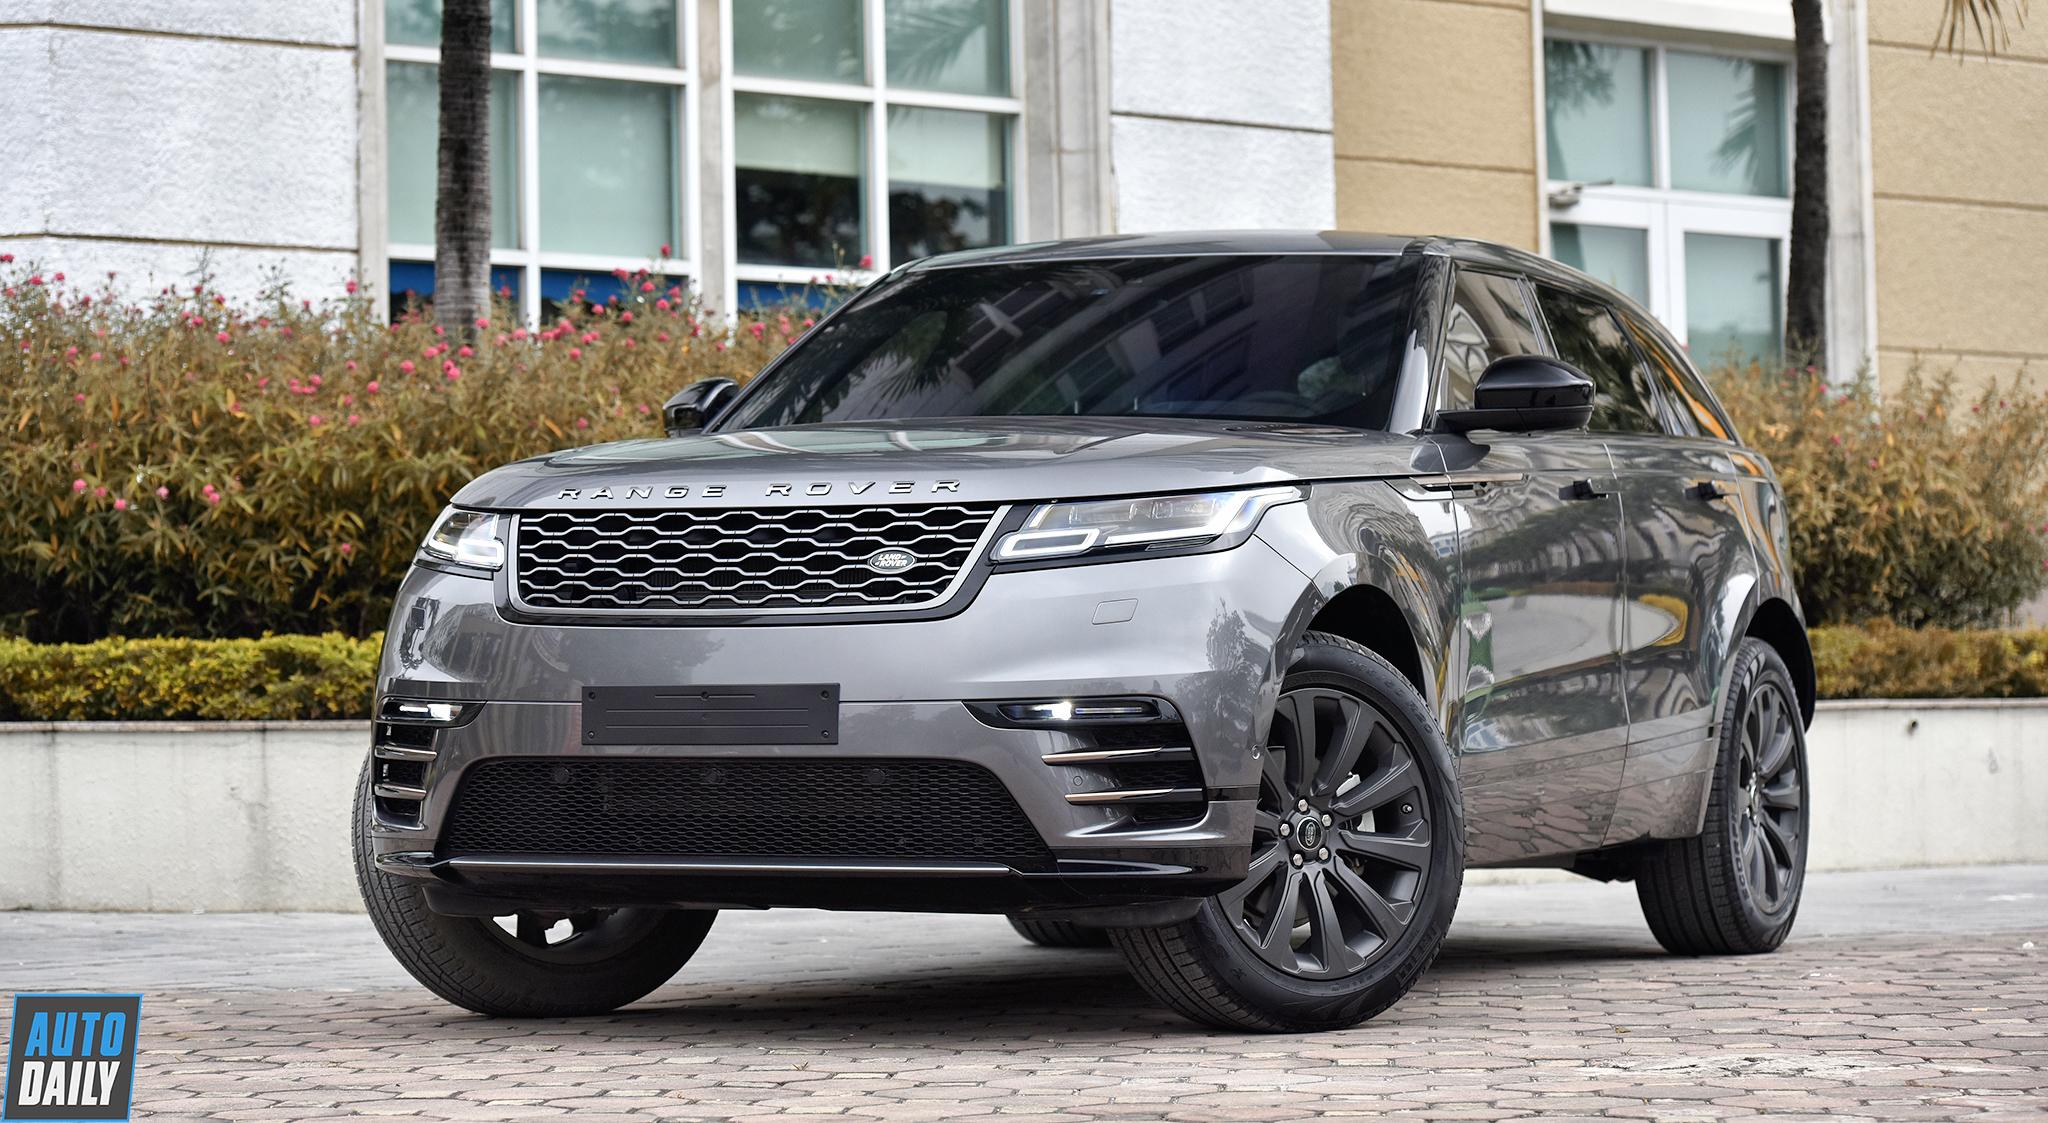 range-rover-velar-autodaily-12.jpg